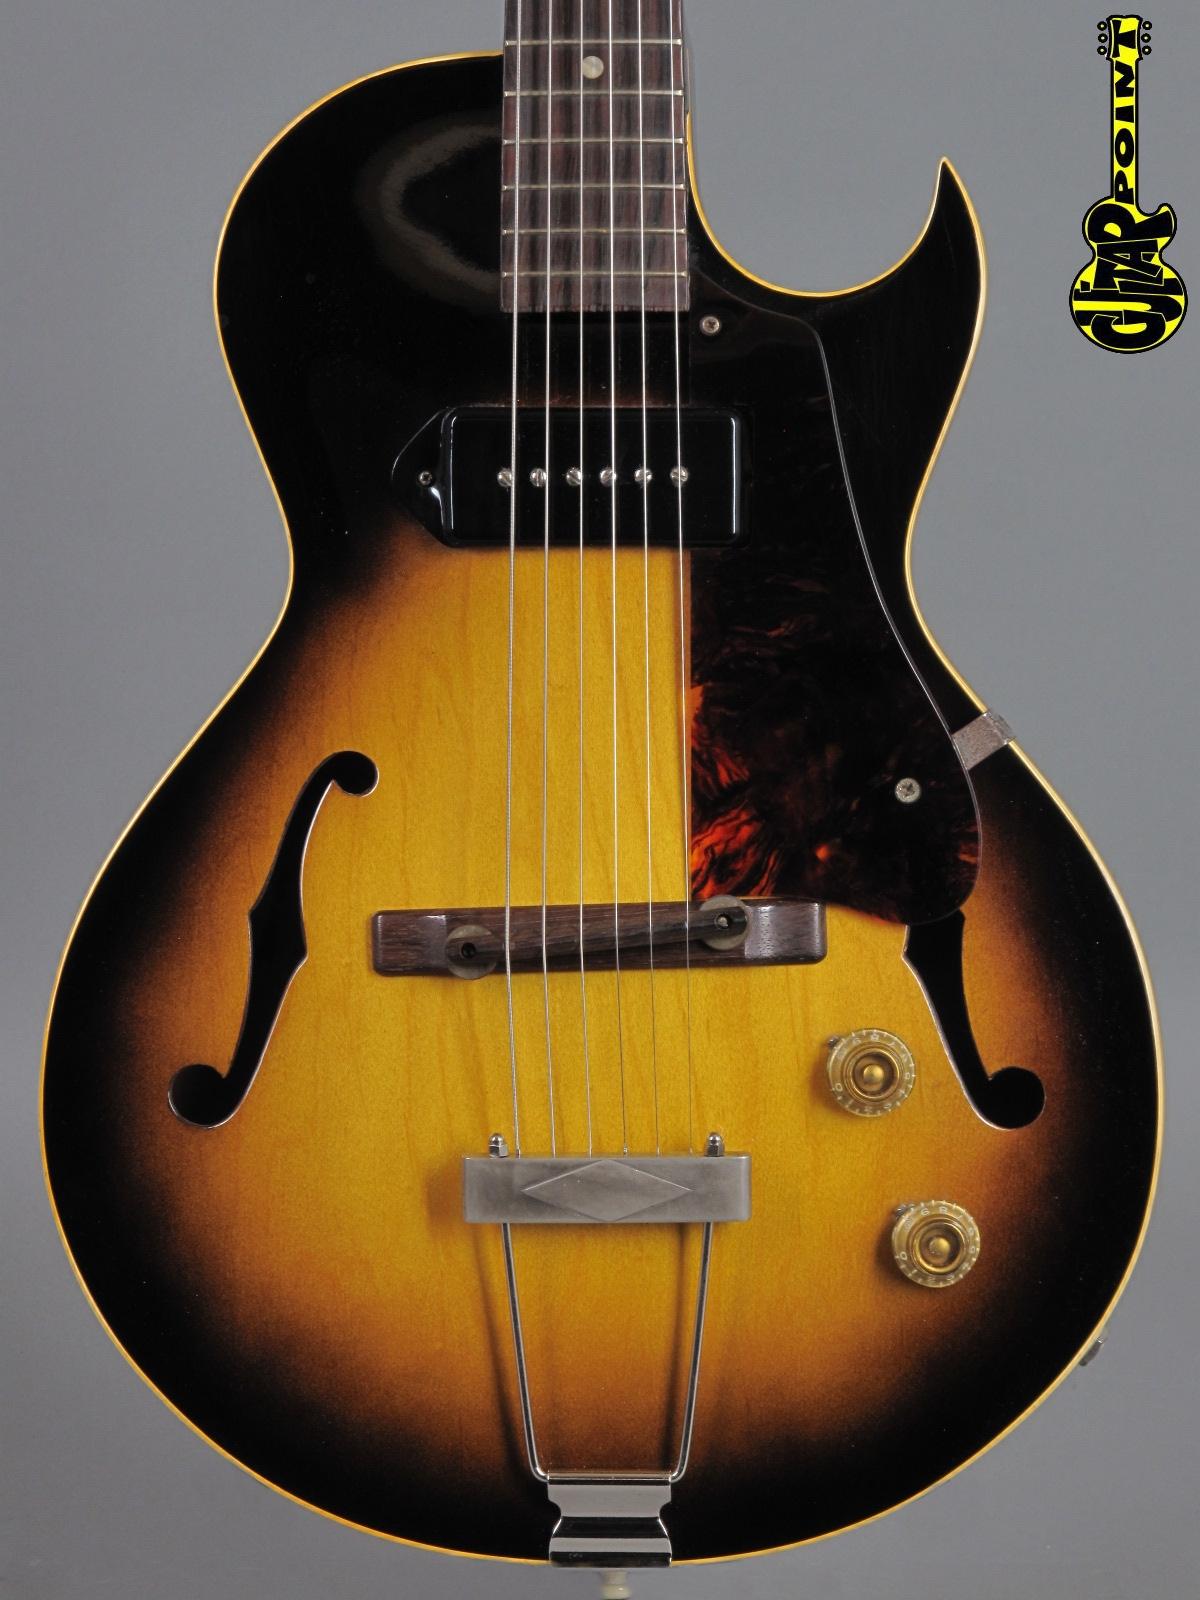 1956 Gibson ES 140T - Sunburst